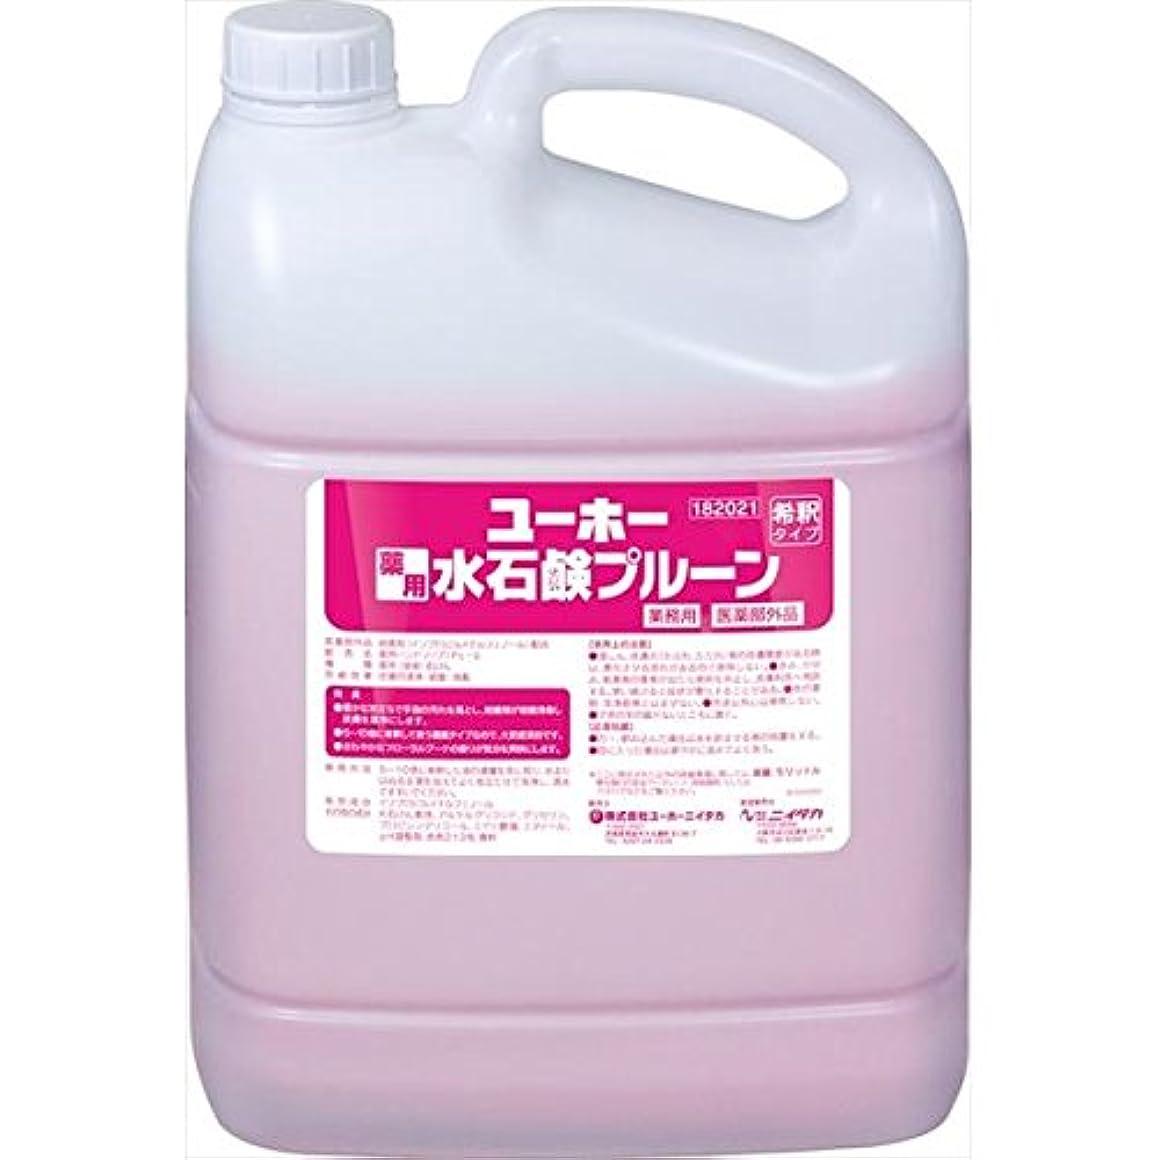 噴出するソロ部分的にユーホーニイタカ:薬用水石鹸プルーン 5L×2 181021